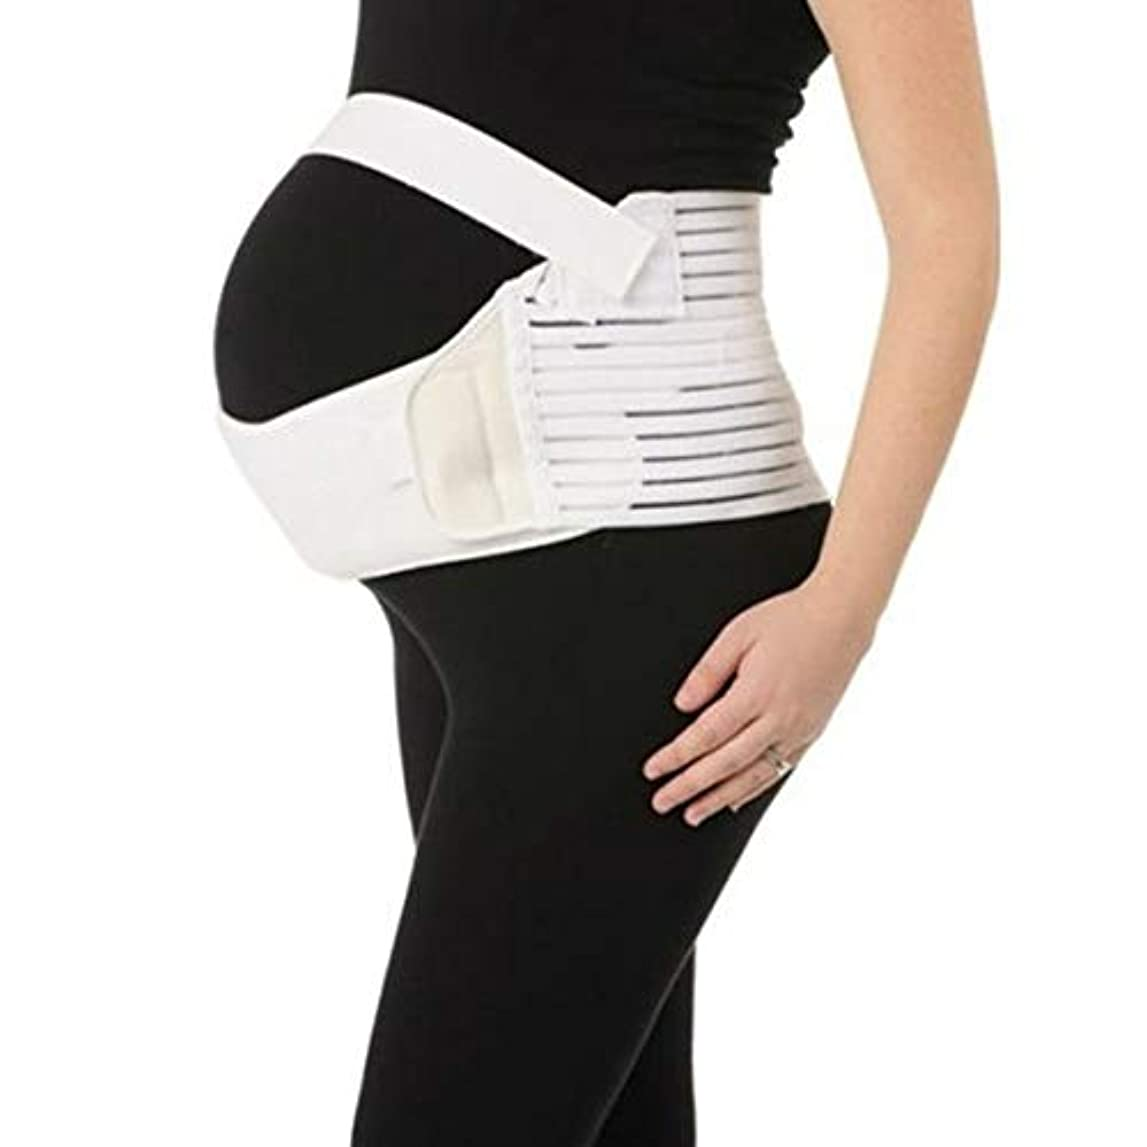 セラフ故障中ペネロペ通気性マタニティベルト妊娠腹部サポート腹部バインダーガードル運動包帯産後回復形状ウェア - ホワイトXL